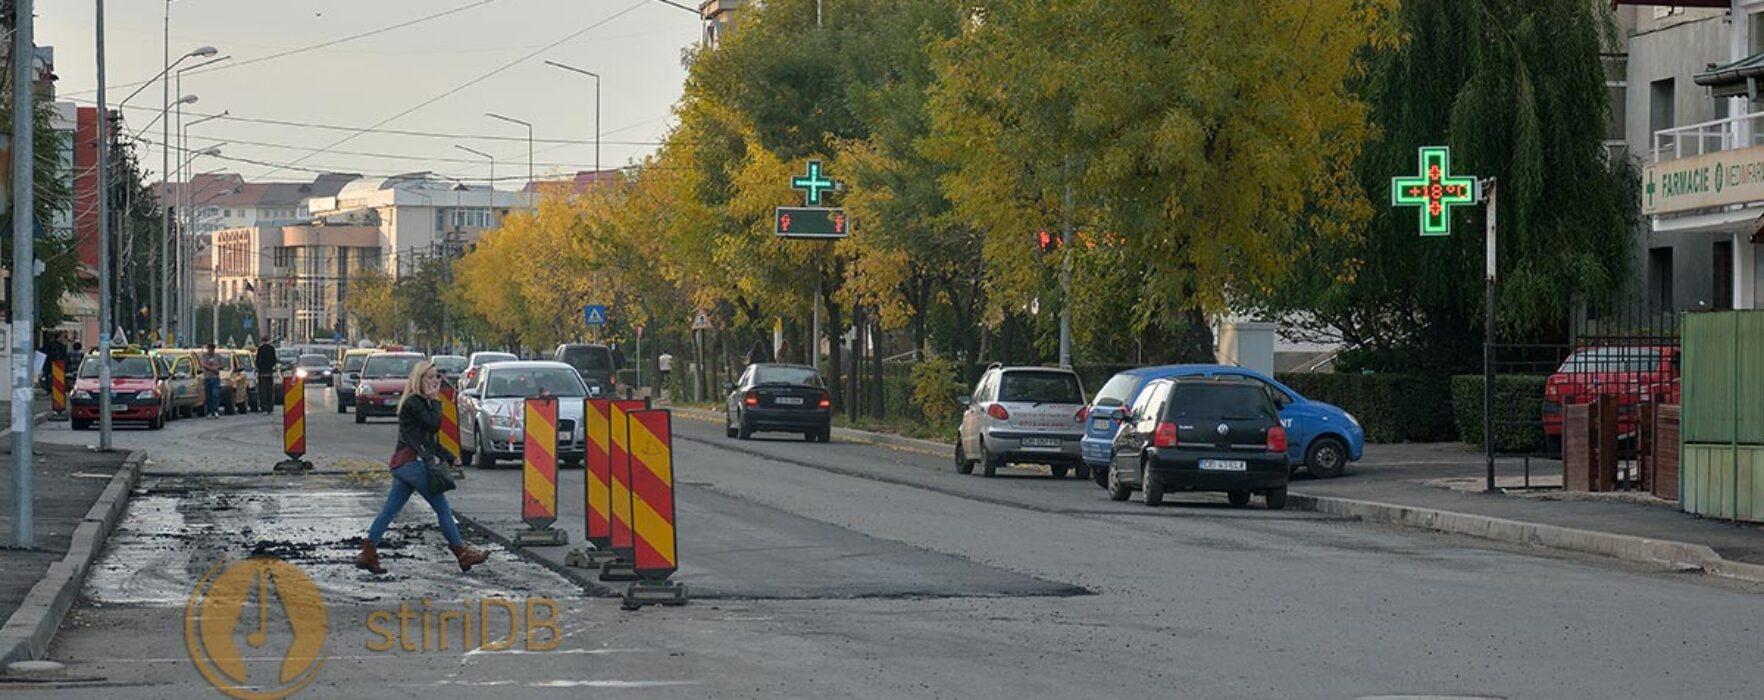 Târgovişte: Anunţată pentru weekend, asfaltarea pe Bdul T. Vladimirescu durează încă patru zile